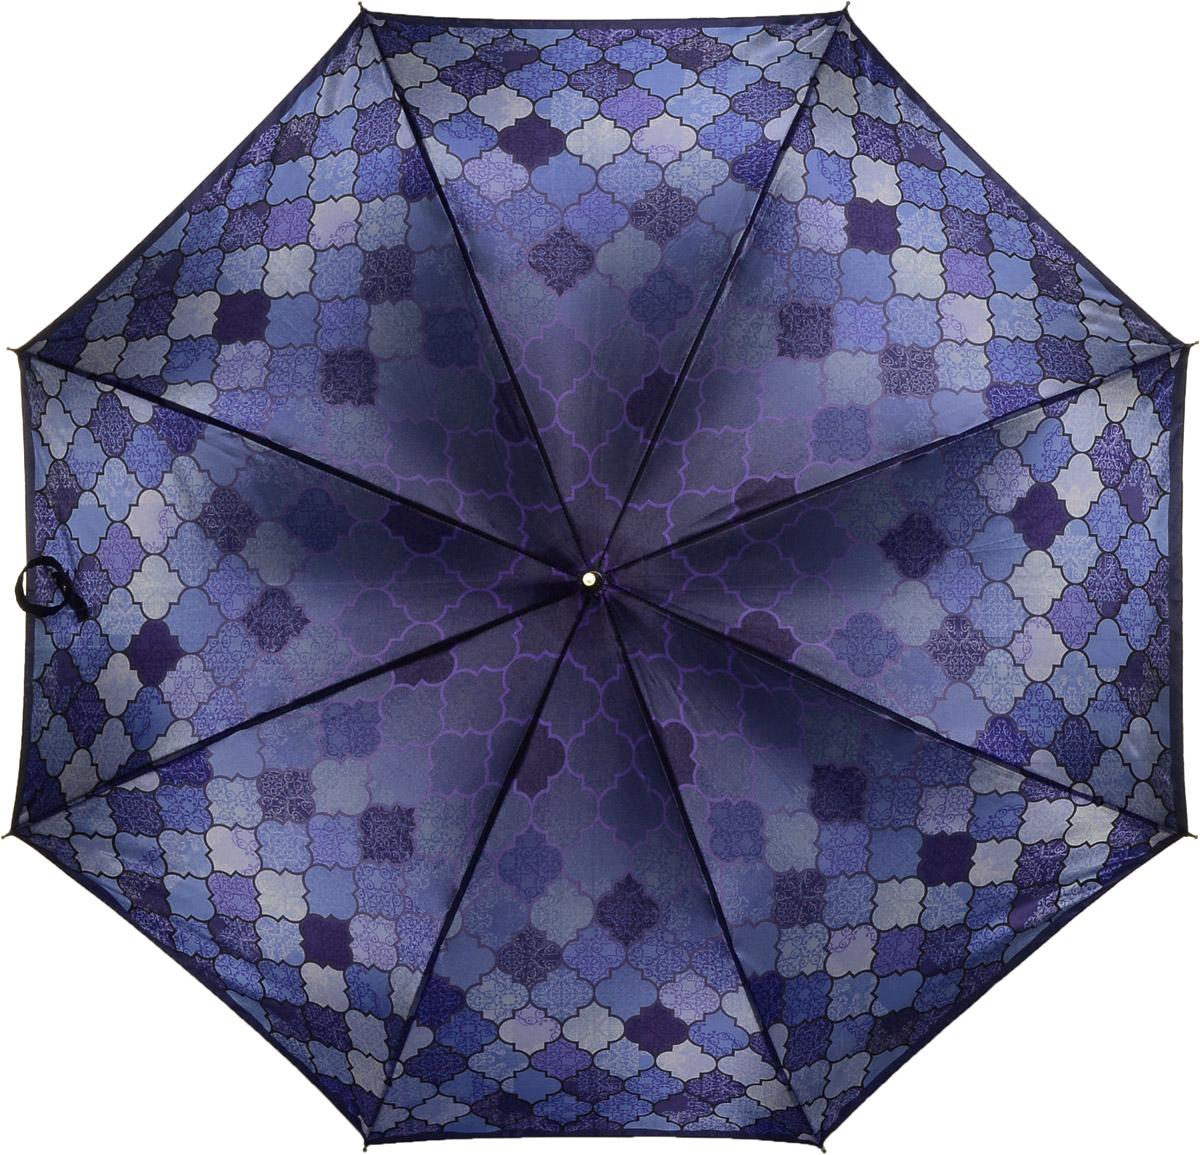 Зонт женский Fabretti, цвет: фиолетовый. 16221622Женский зонт-трость от итальянского бренда Fabretti. Конструкция модели выполнена из стали и фибергласса, поэтому устойчива к сильному ветру. Глубокий и насыщенный фиолетовый цвет зонта сделает вас неотразимыми в любую непогоду, а дизайнерский принты в виде геометрических ромбов дополнит любой современный образ! Материал купола – сатин. Он невероятно изящен, приятен на ощупь, обладает высокой прочностью, а также устойчив к выцветанию. Эргономичная ручка сделана из высококачественного пластика-полиуретана с противоскользящей обработкой!